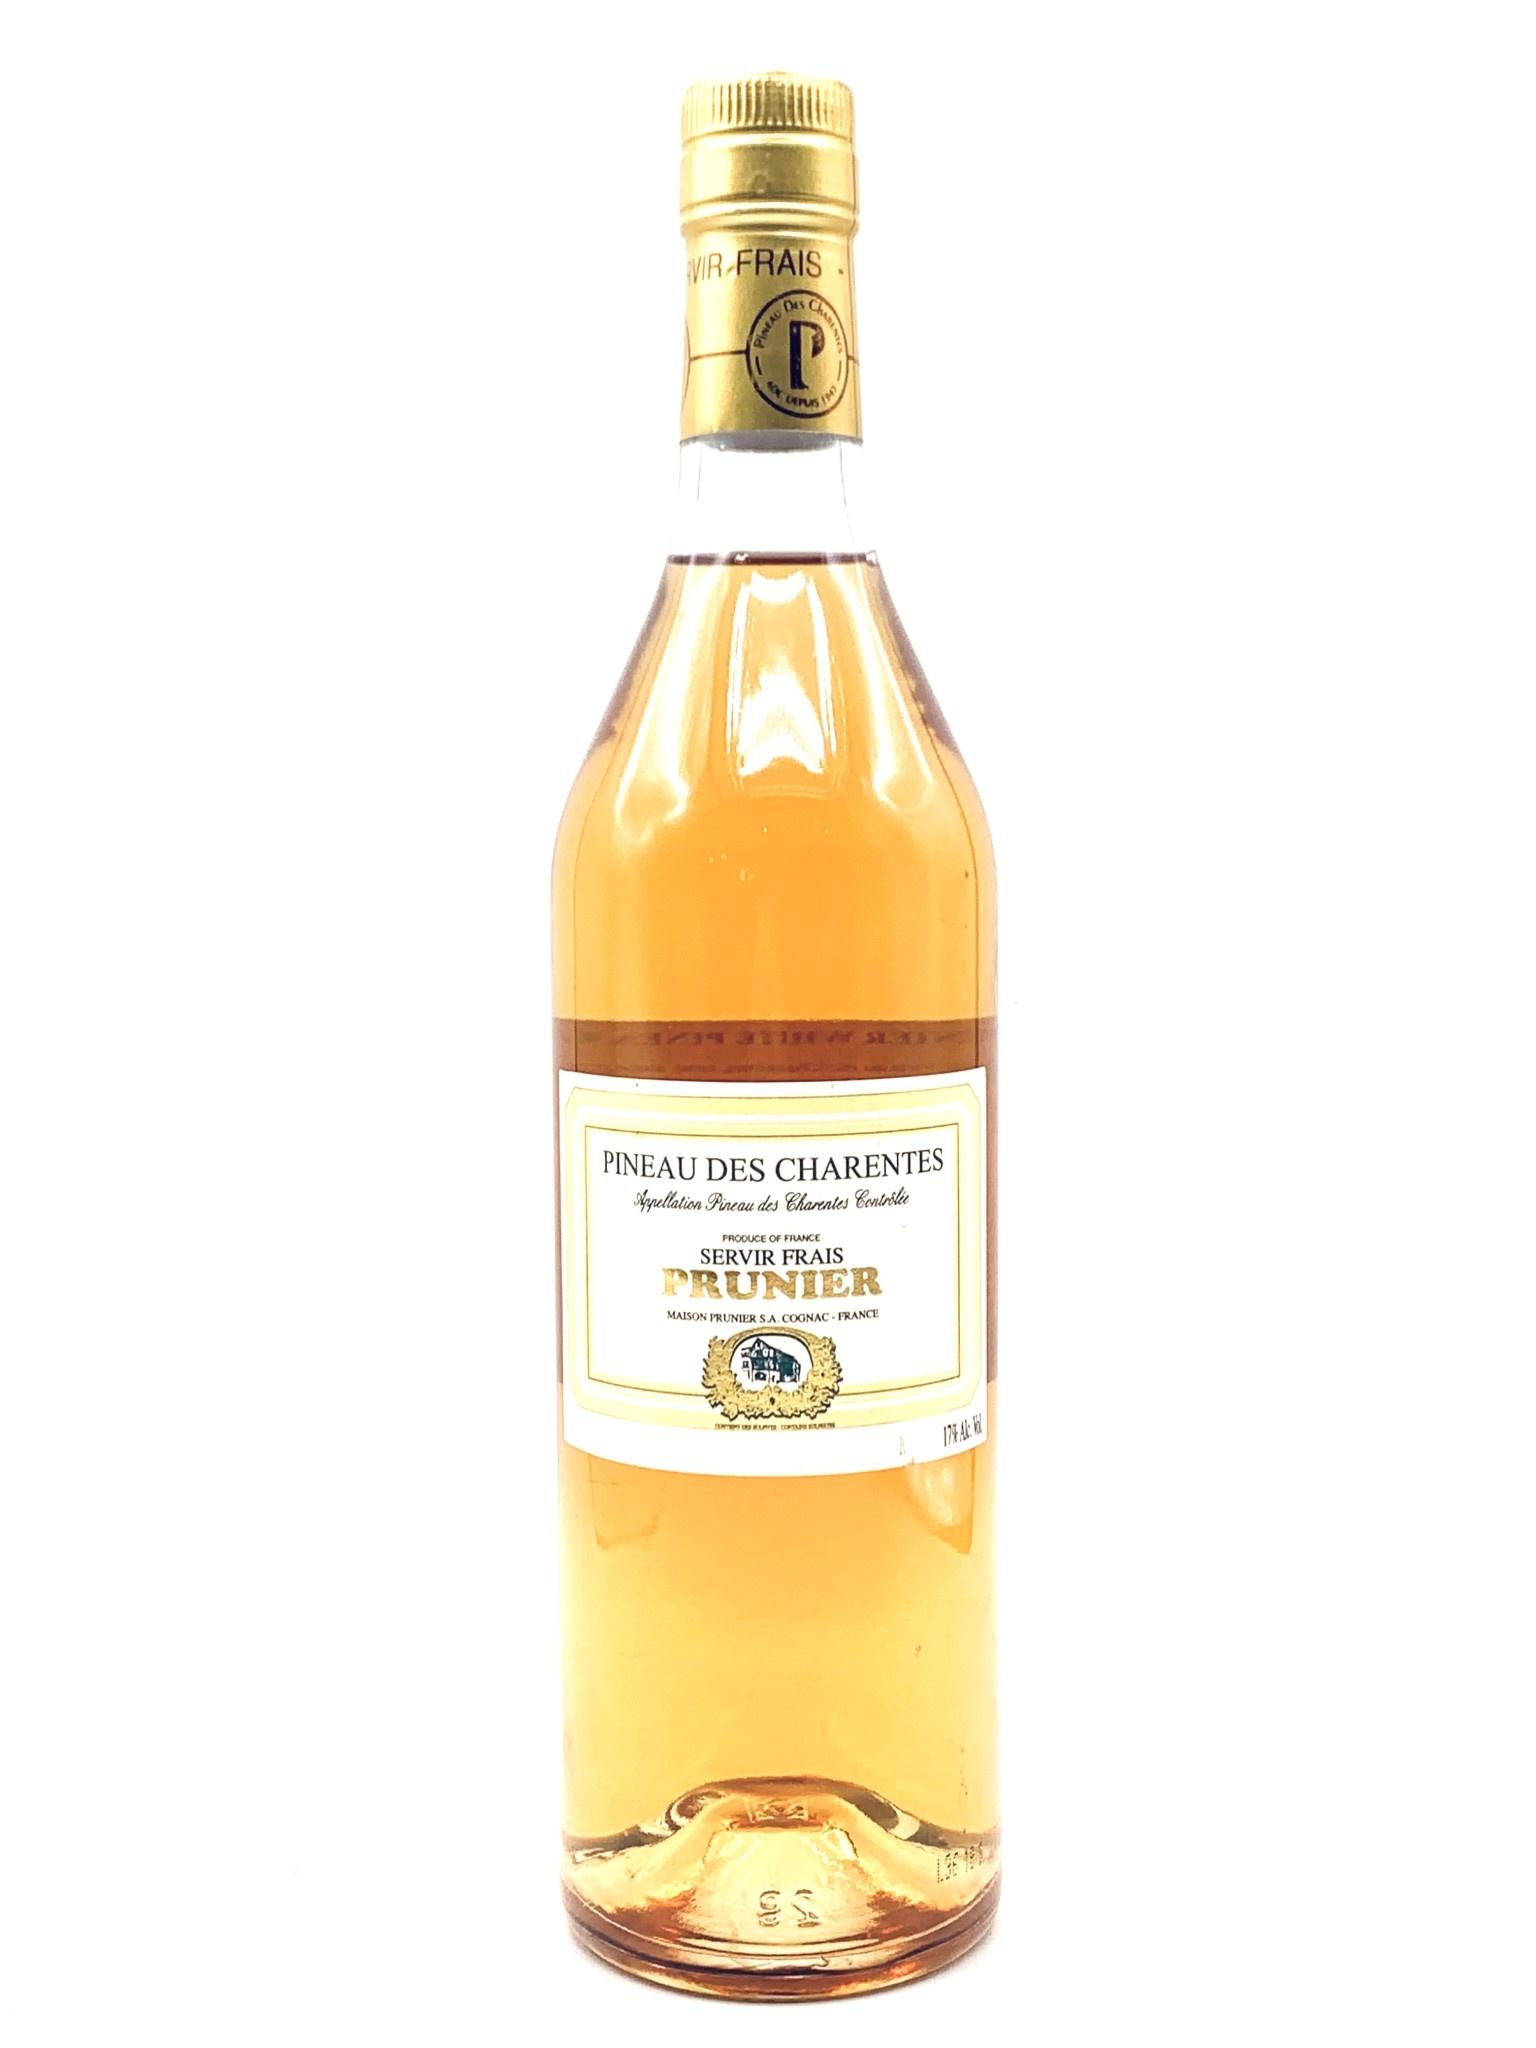 Prunier Pineau Des Charentes  750ml (34 proof)